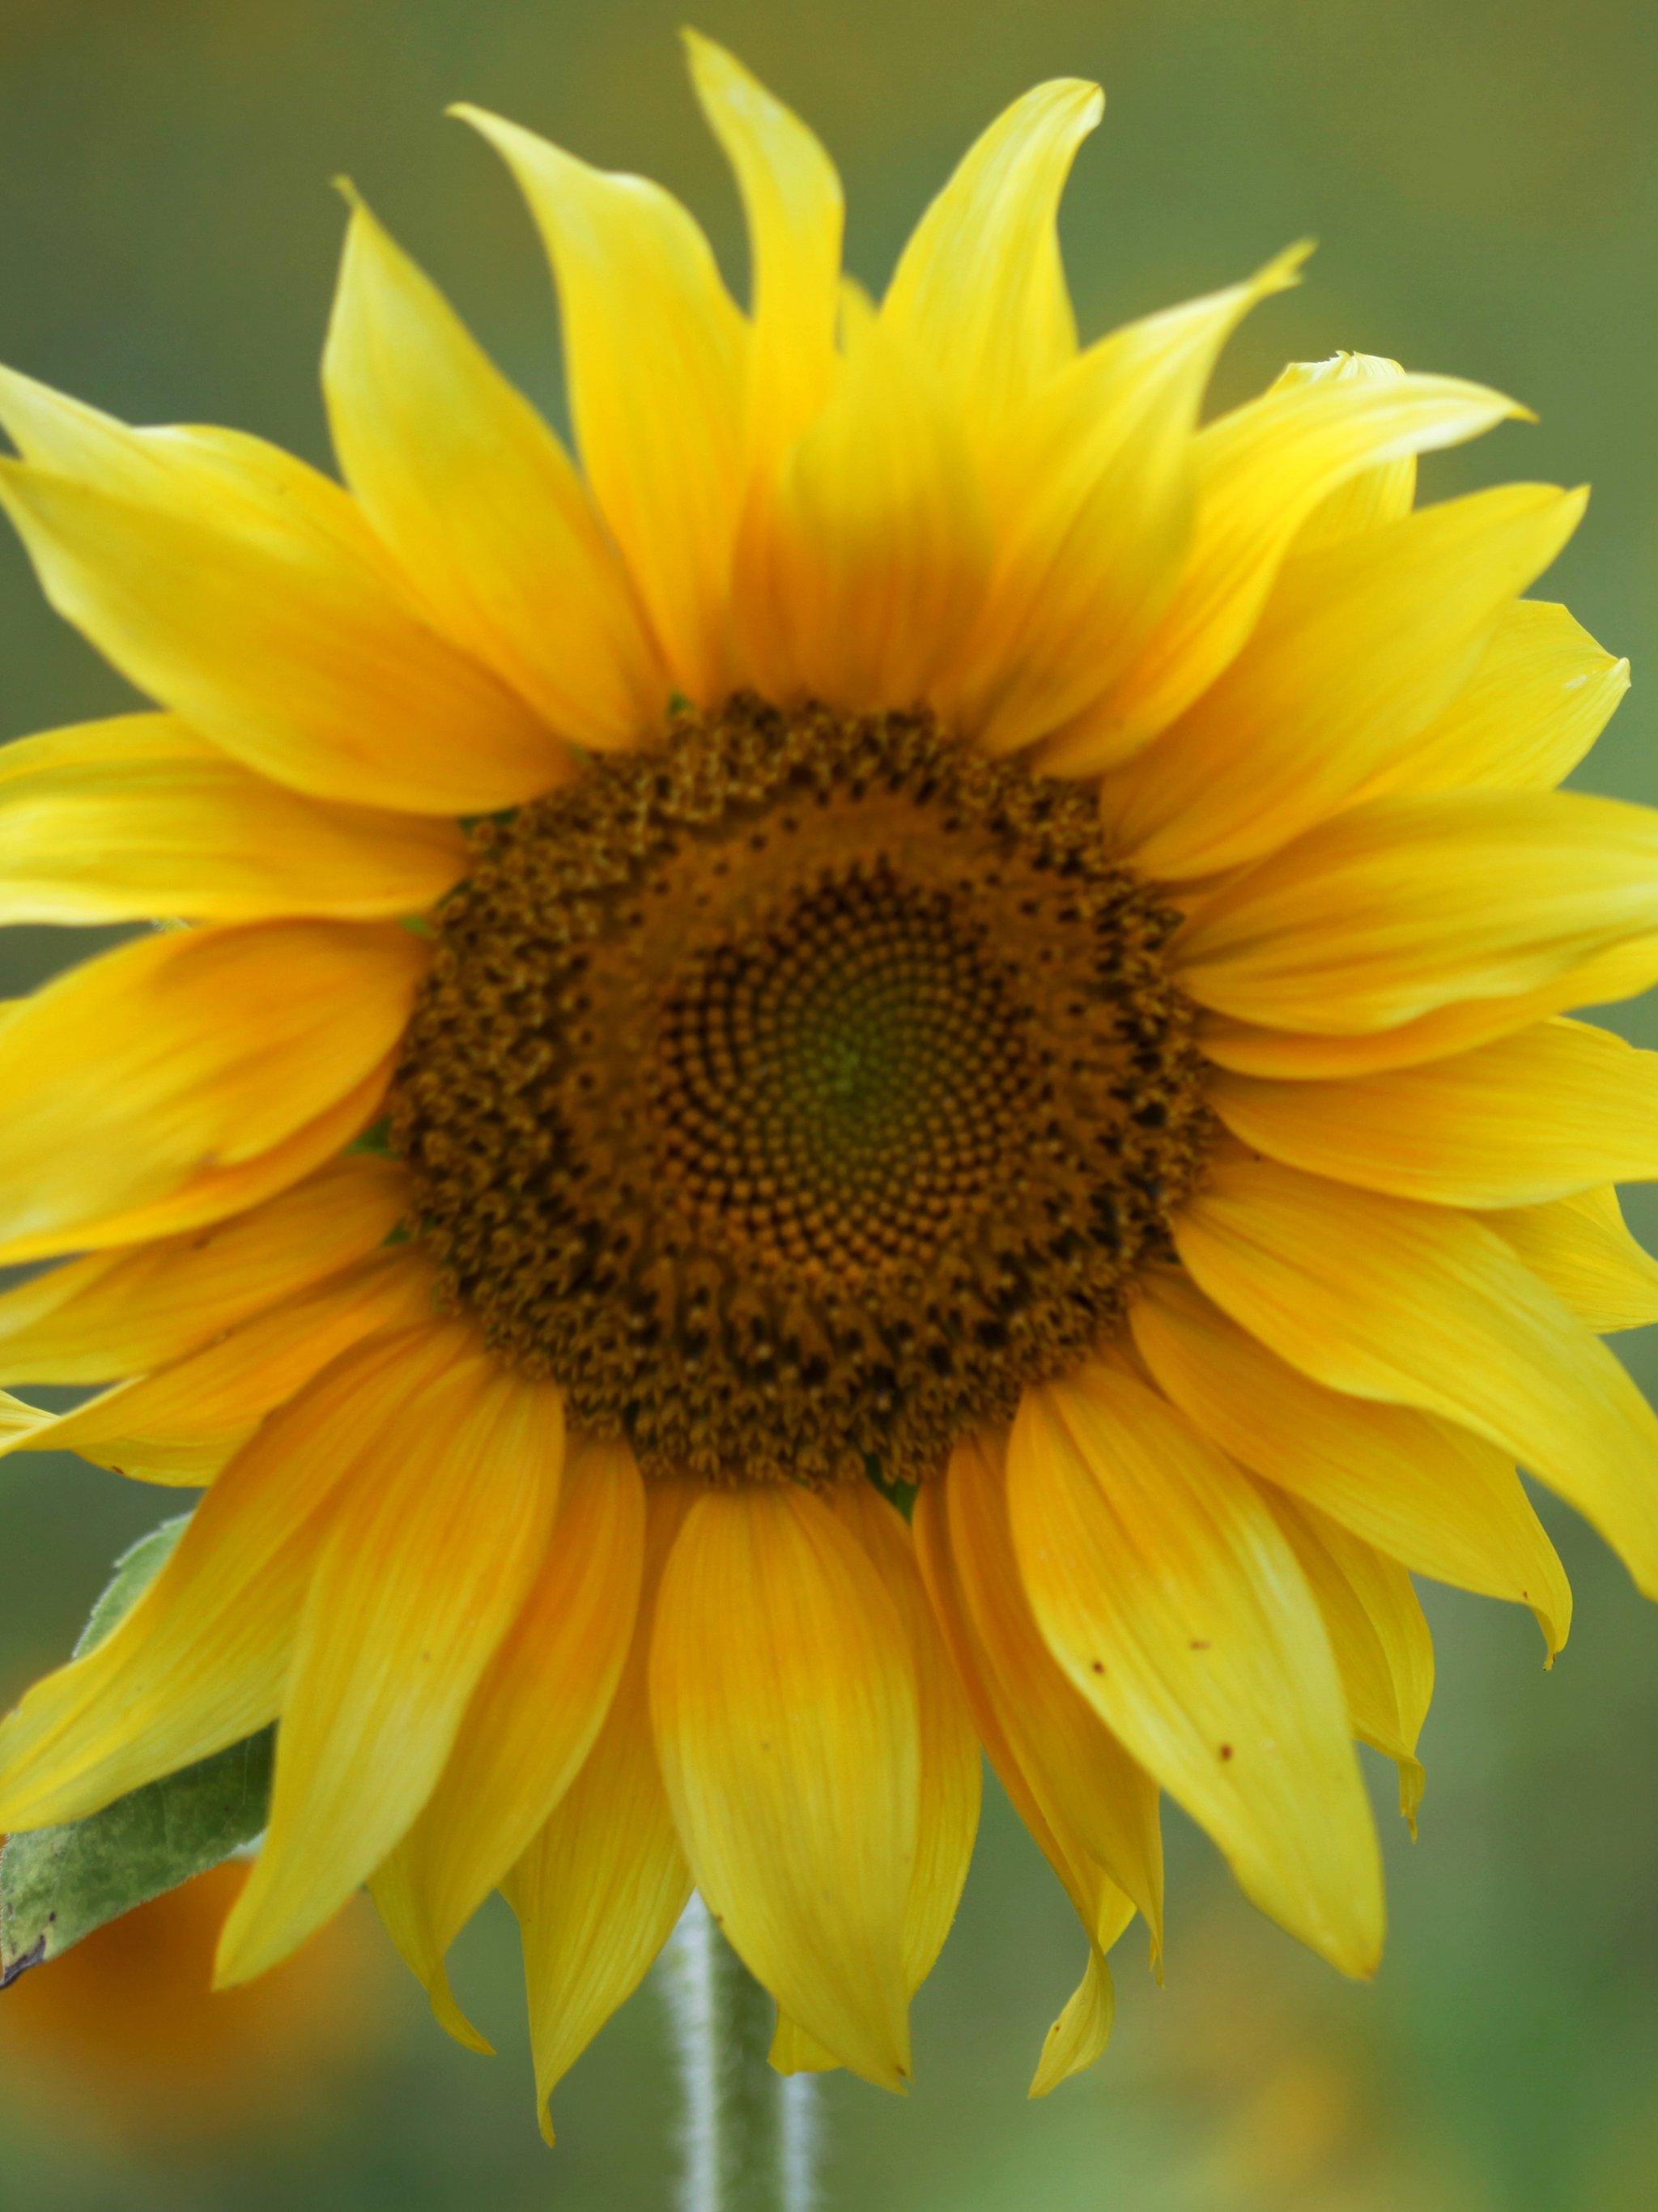 Sunflower Wallpaper Desktop : sunflower, wallpaper, desktop, Sunflower, Wallpaper, IPhone,, Android, Desktop, Backgrounds